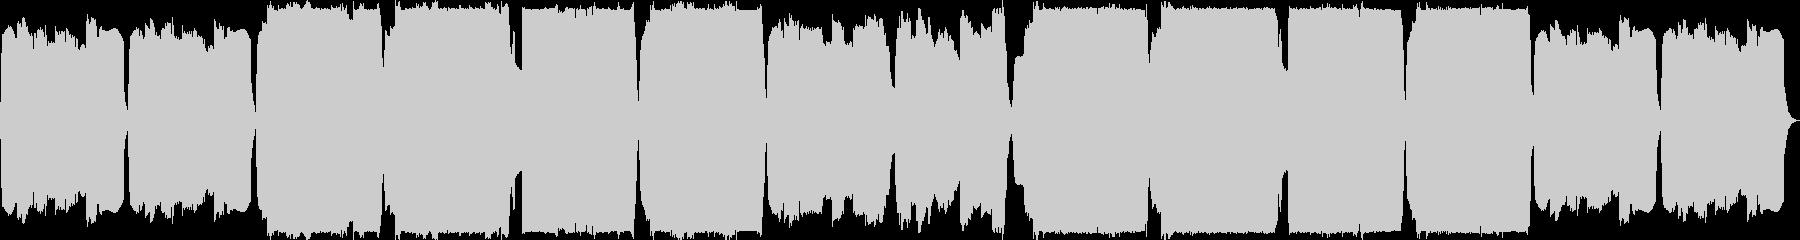 オカリナとリコーダーの切ない曲の未再生の波形